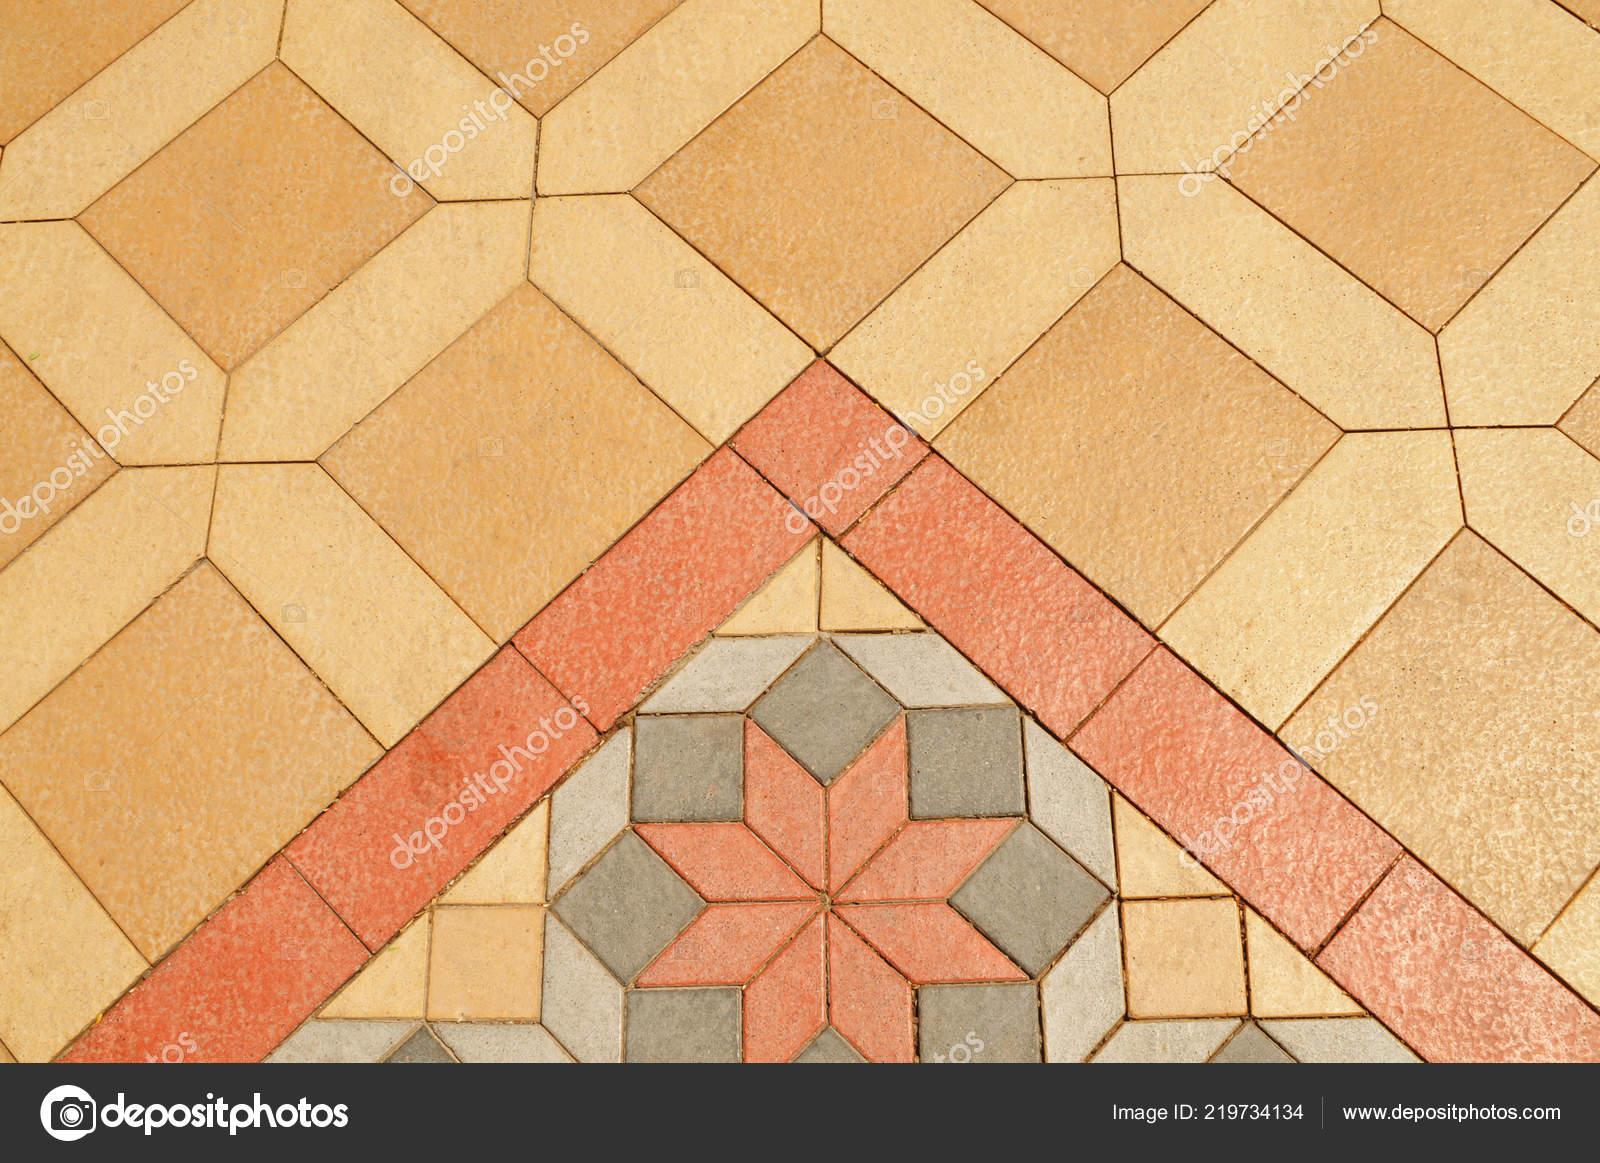 Beige rossi grigi piastrelle ceramica pavimenti sfondo con motivo